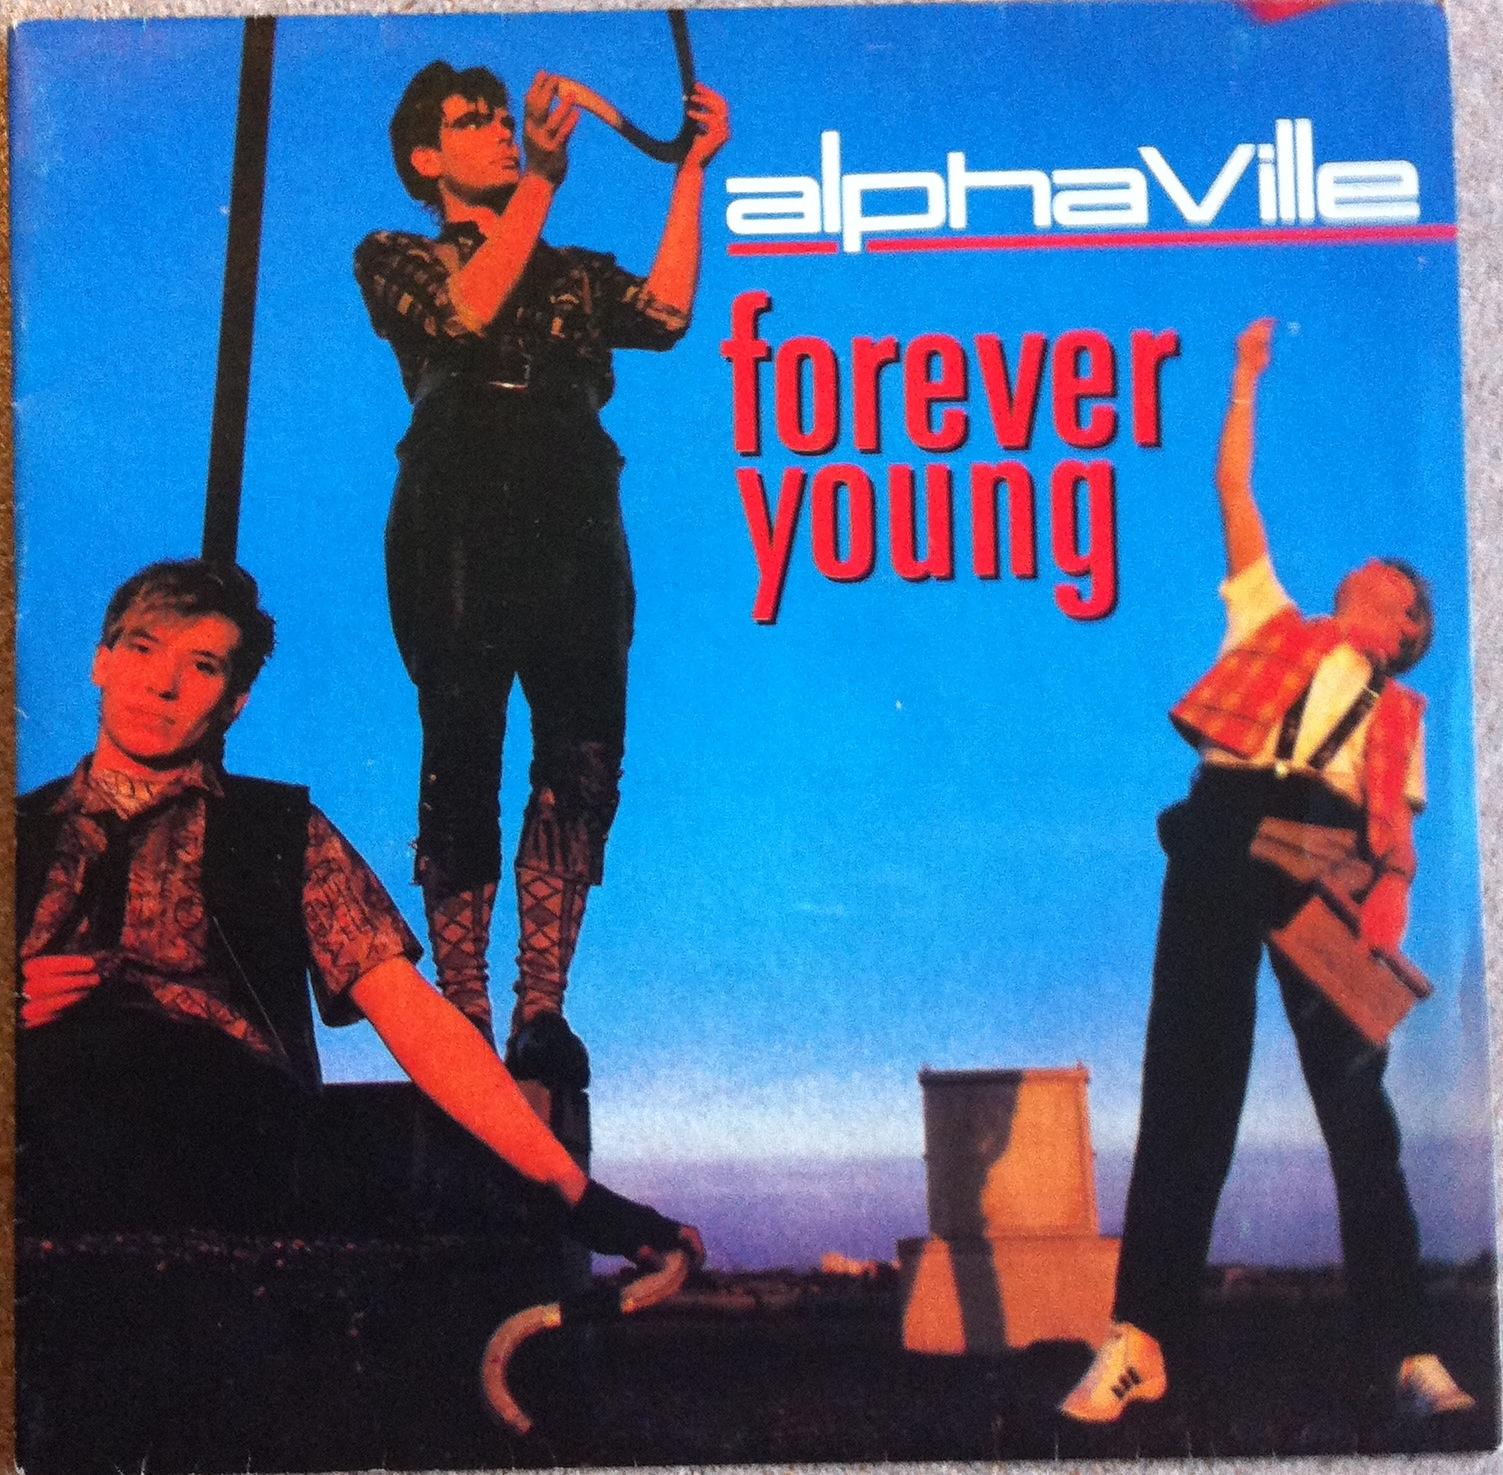 Alphaville - Forever young : Europa FM